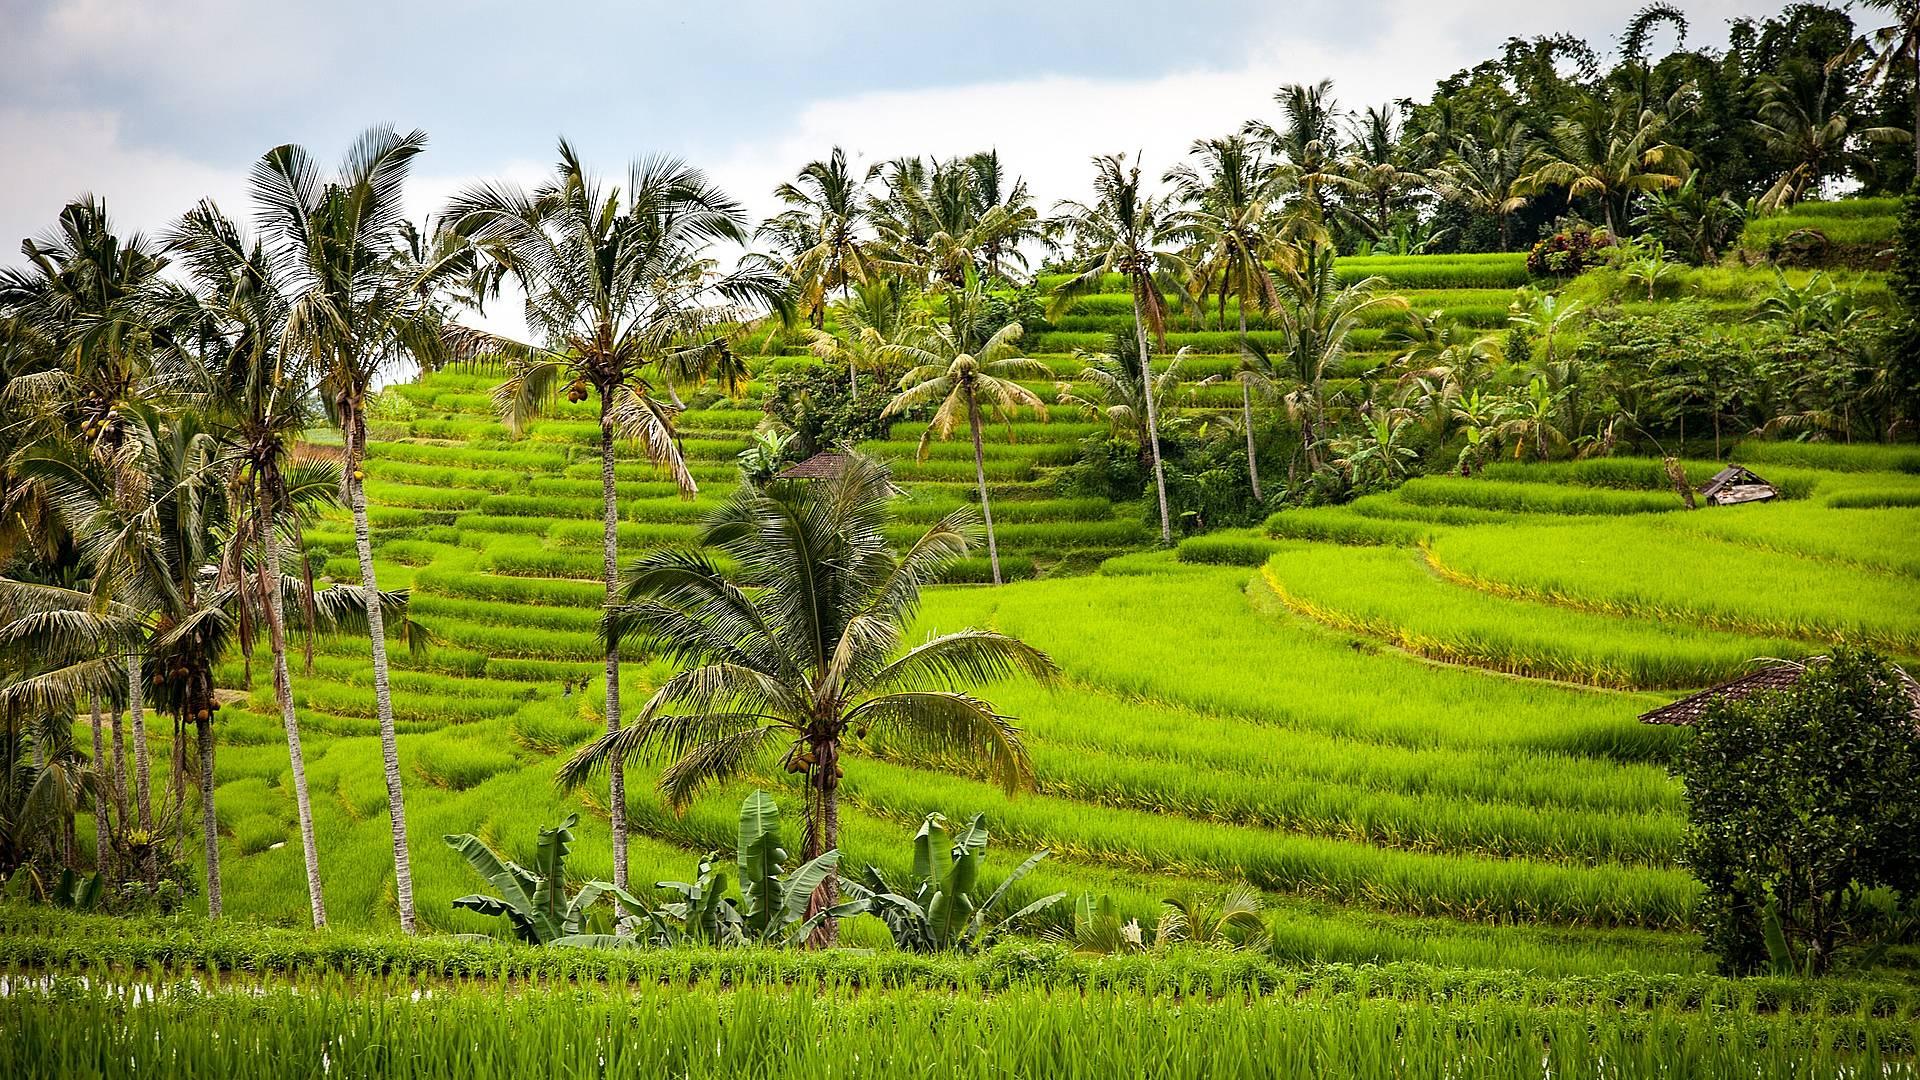 Geküsst von Sonne und Göttern auf Bali